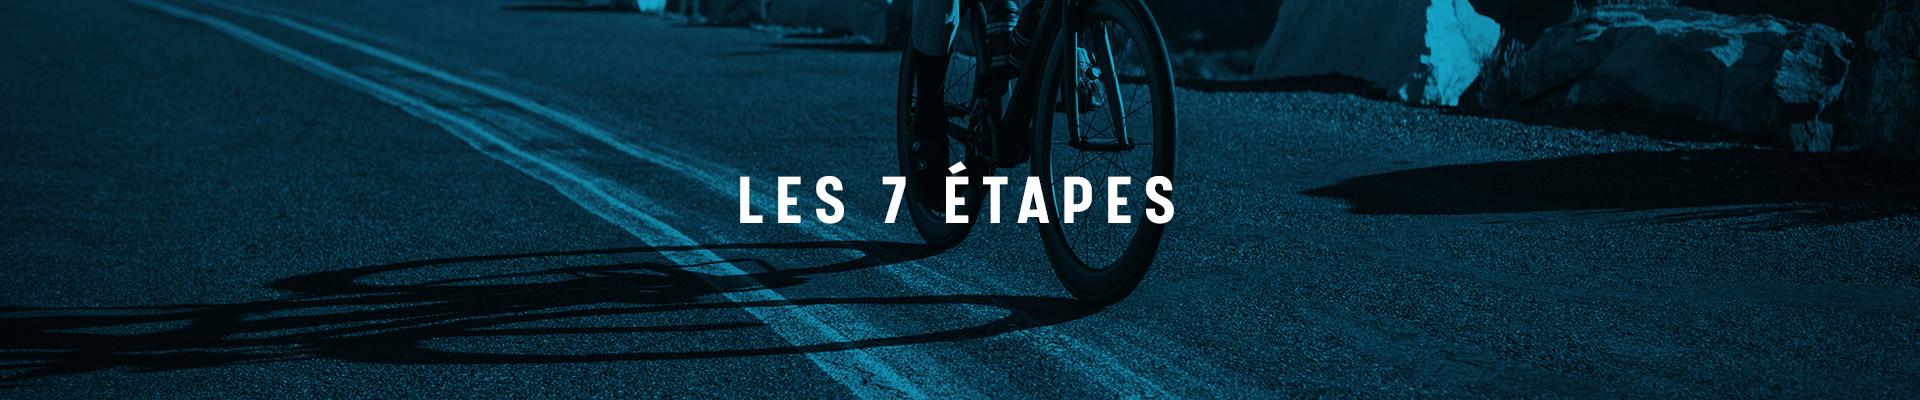 Wolf Performance Les 7 étapes Mont Ventoux